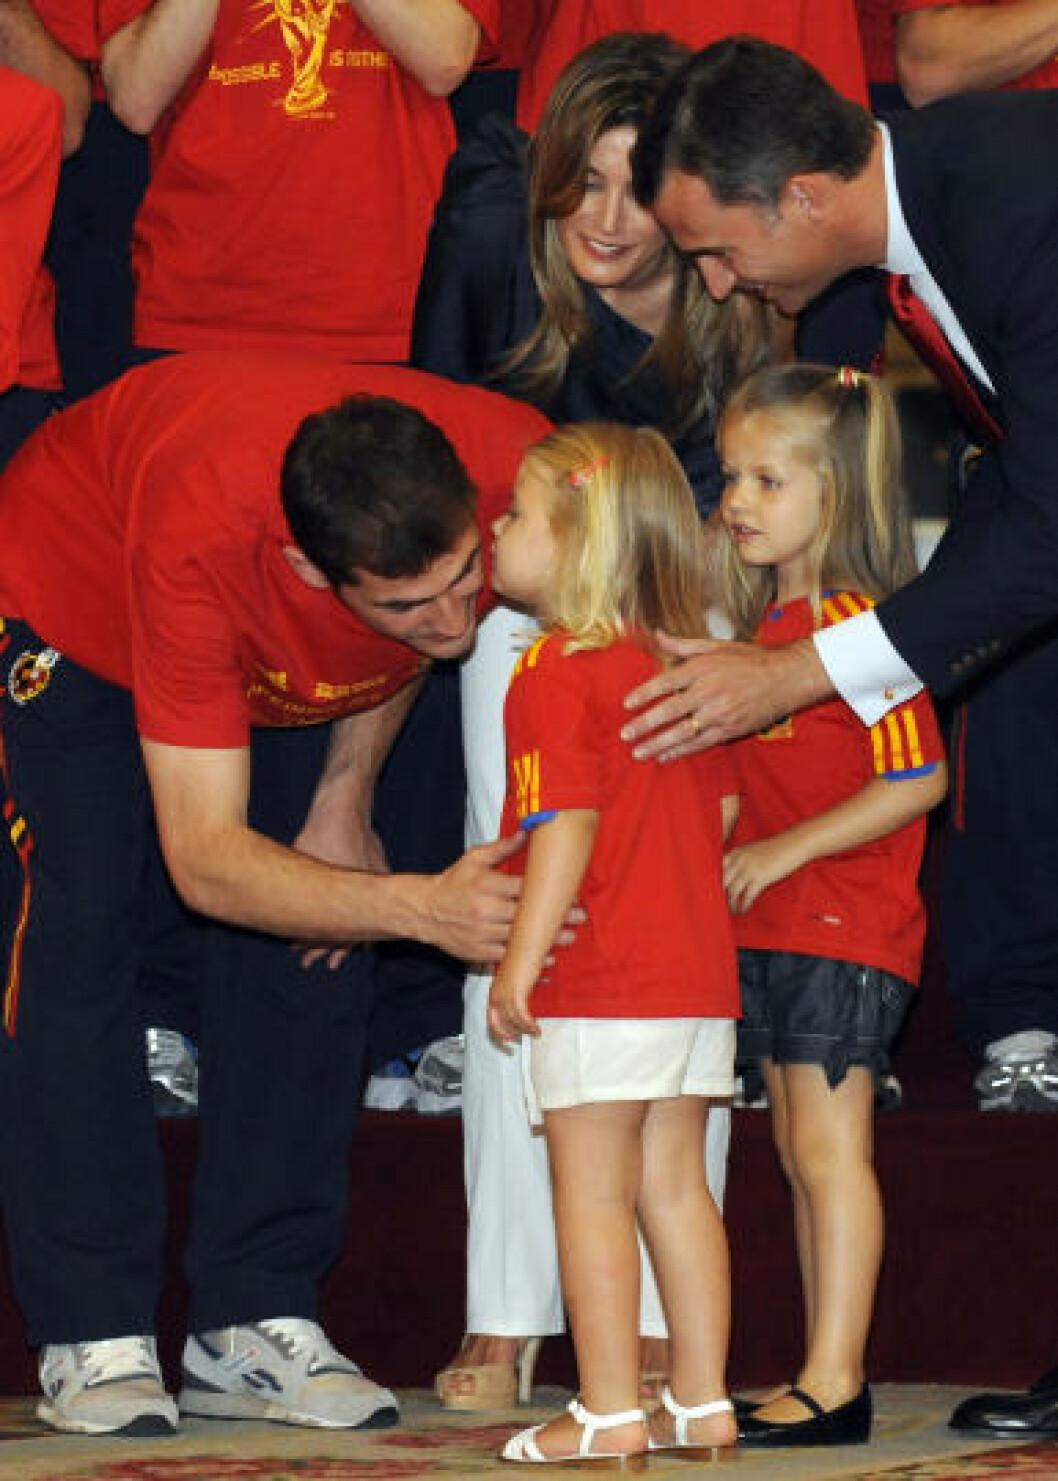 <strong>MØTTE KRONPRINSBARNA:</strong> Iker Casillas får en klem av døtrene til prins Felipe og prinsesse Letizia, Sofia (til venstre) og Leonor (til høyre). Foto:  AFP PHOTO / DOMINIQUE FAGET